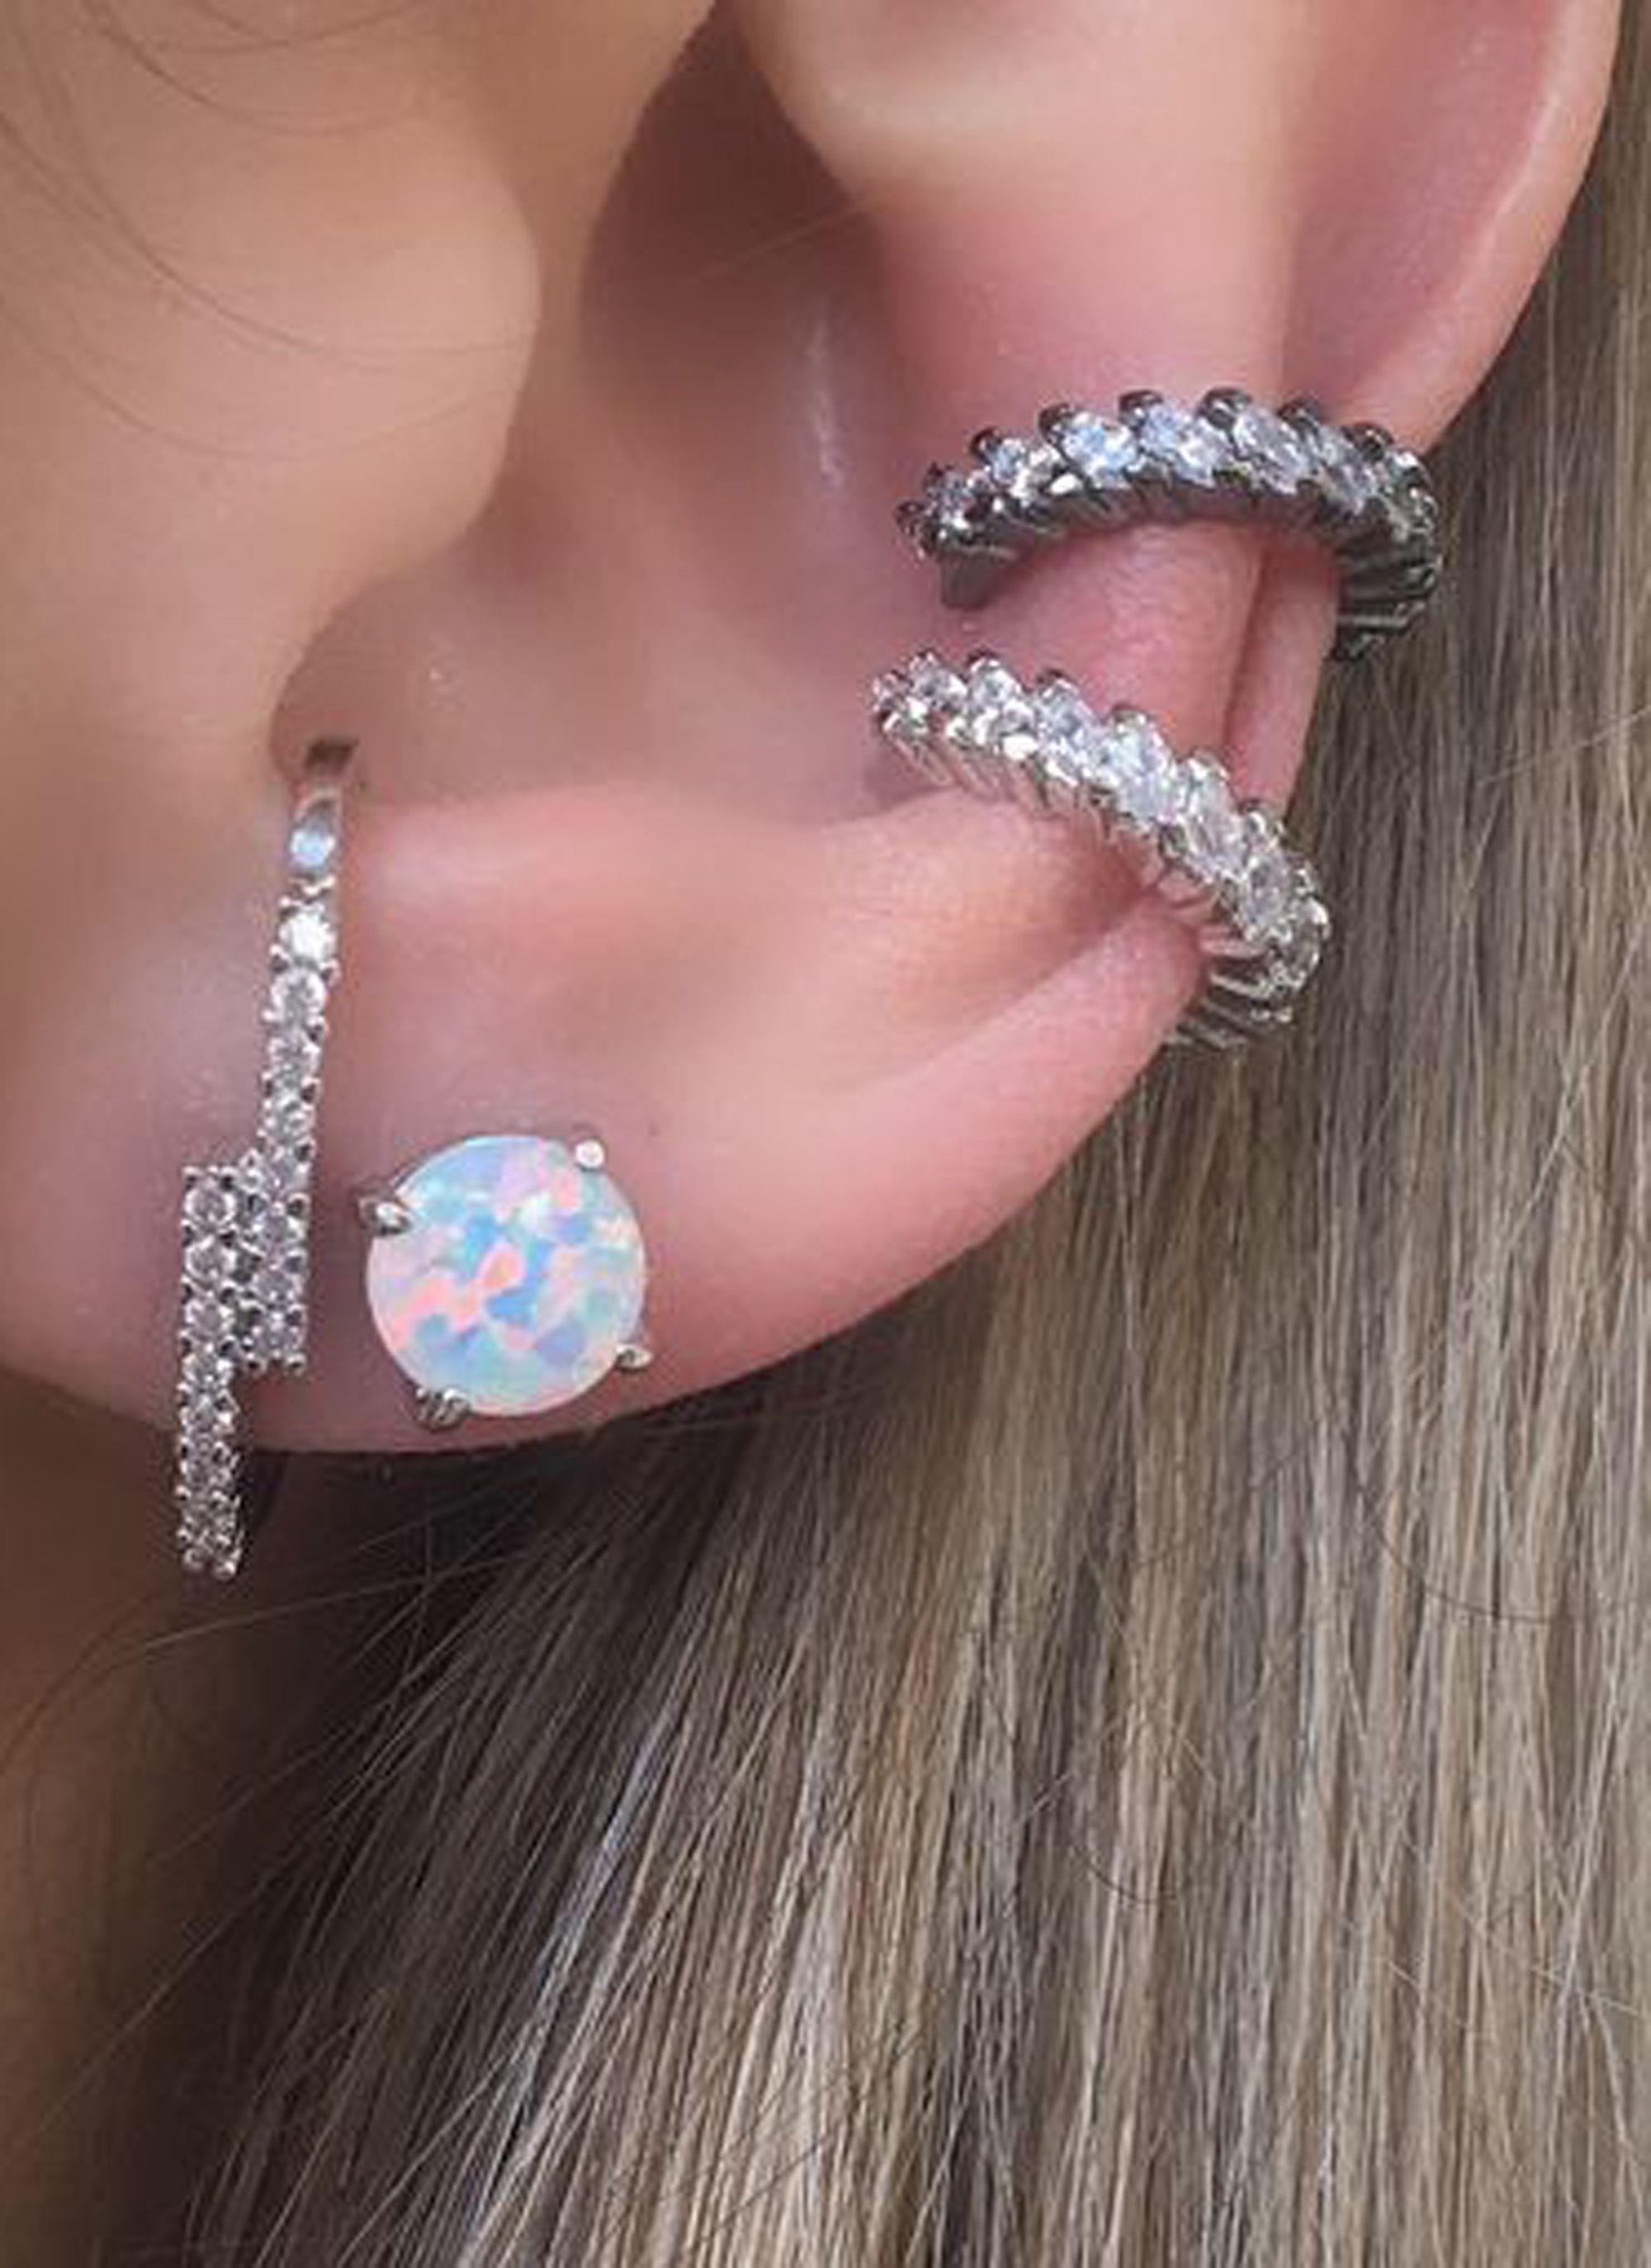 Body piercing earrings  Opal Stud Earrings in Silver  Ear Piercing Ideas  Pinterest  Ear